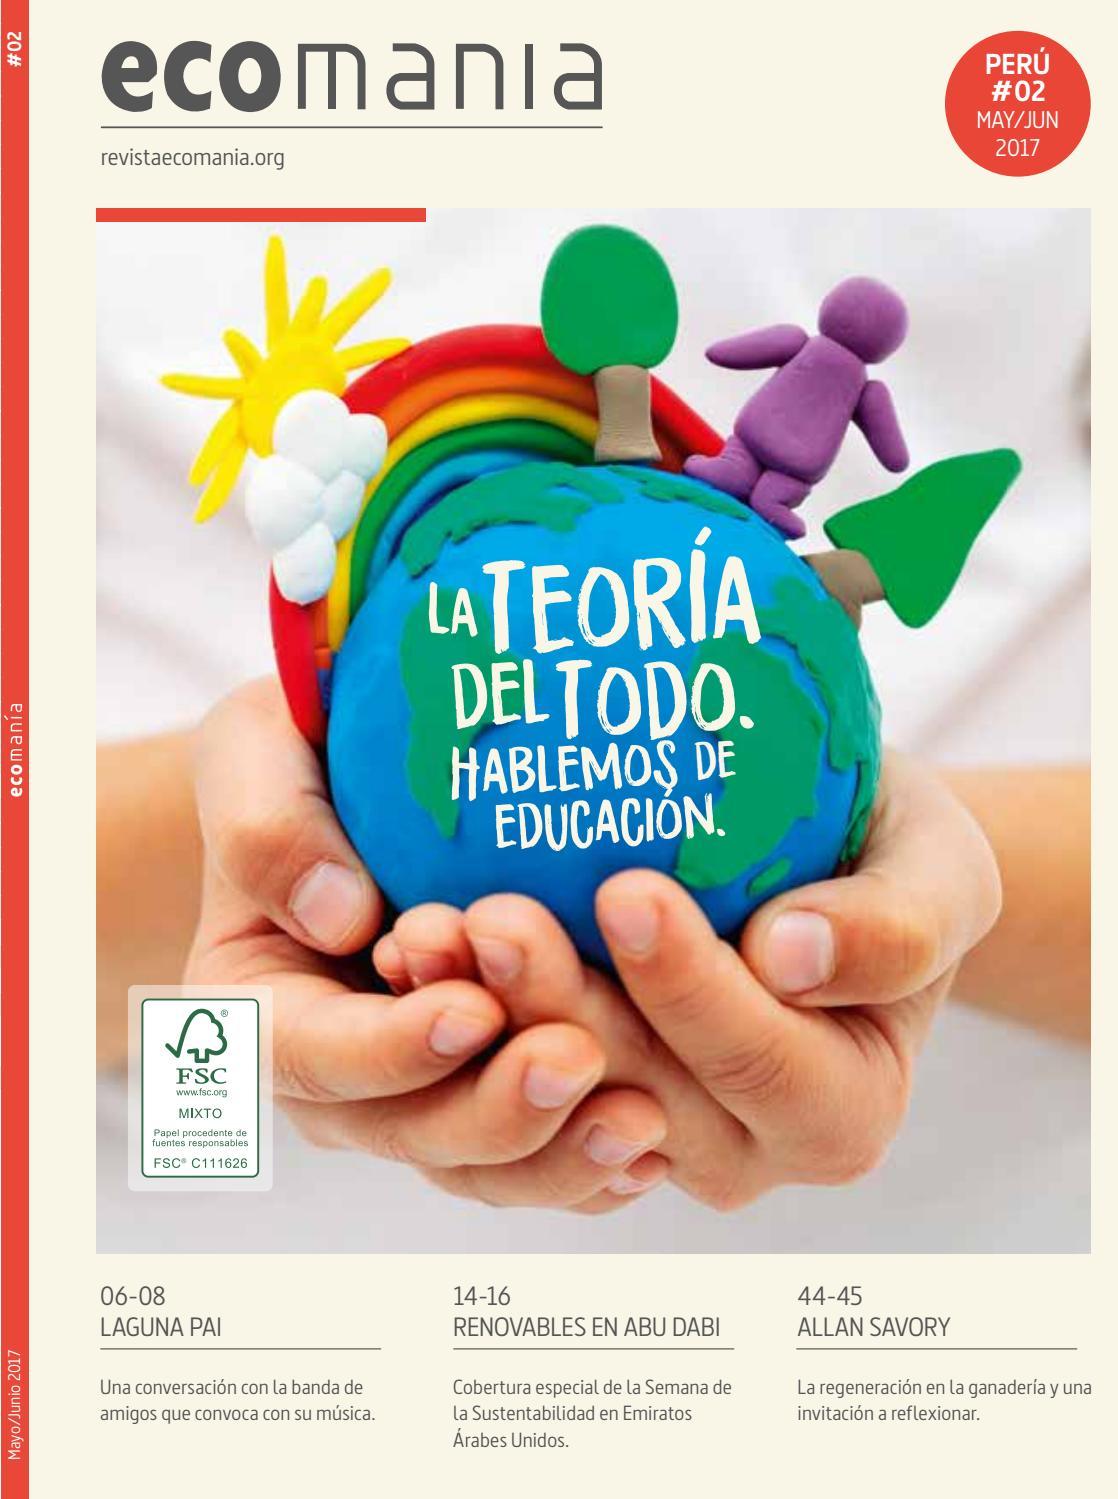 ECOMANÍA PERÚ#02 // MAY/JUN 2017 by Ecomania - issuu